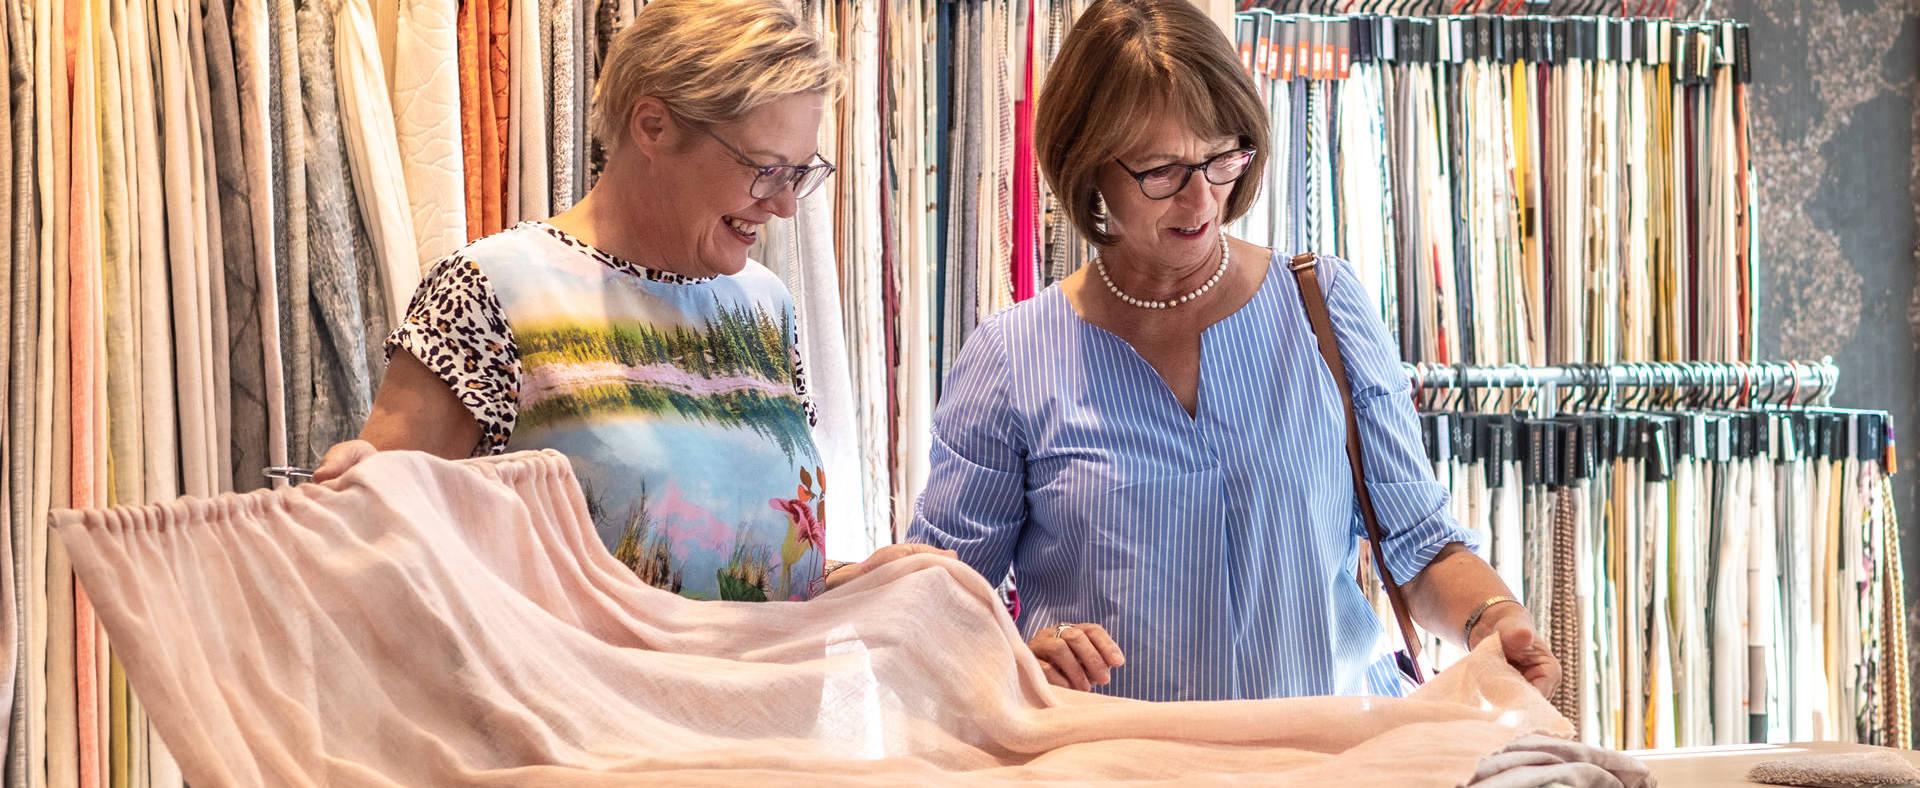 Hoegemann textiles Einrichten Bad-Segeberg Startseite